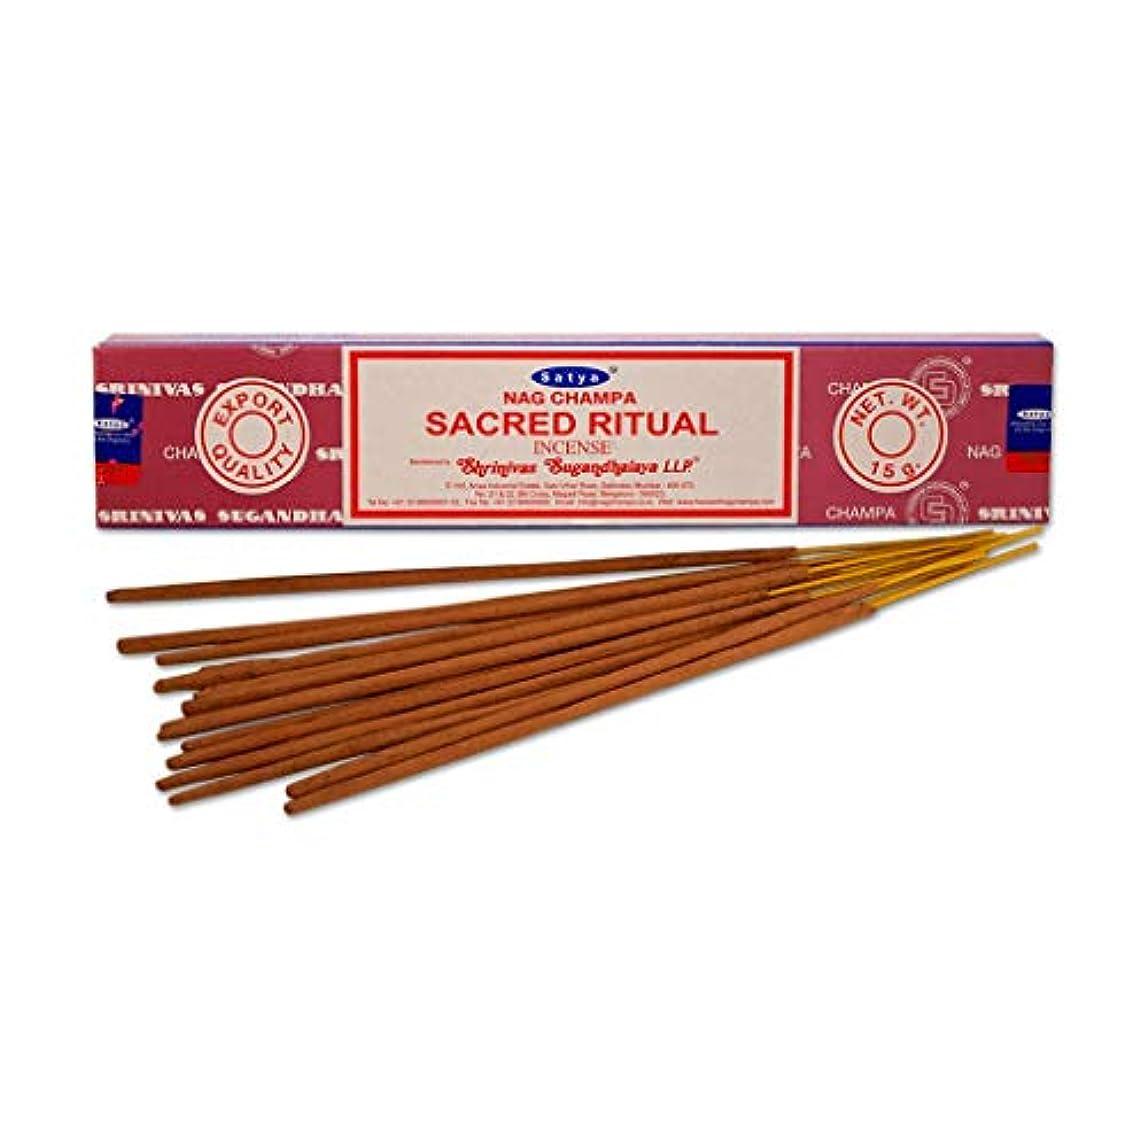 封建勧告ジェットSatya Nag Champa Sacred Ritual お香スティック Agarbatti 180グラムボックス | 15グラム入り12パック 箱入り | 輸出品質